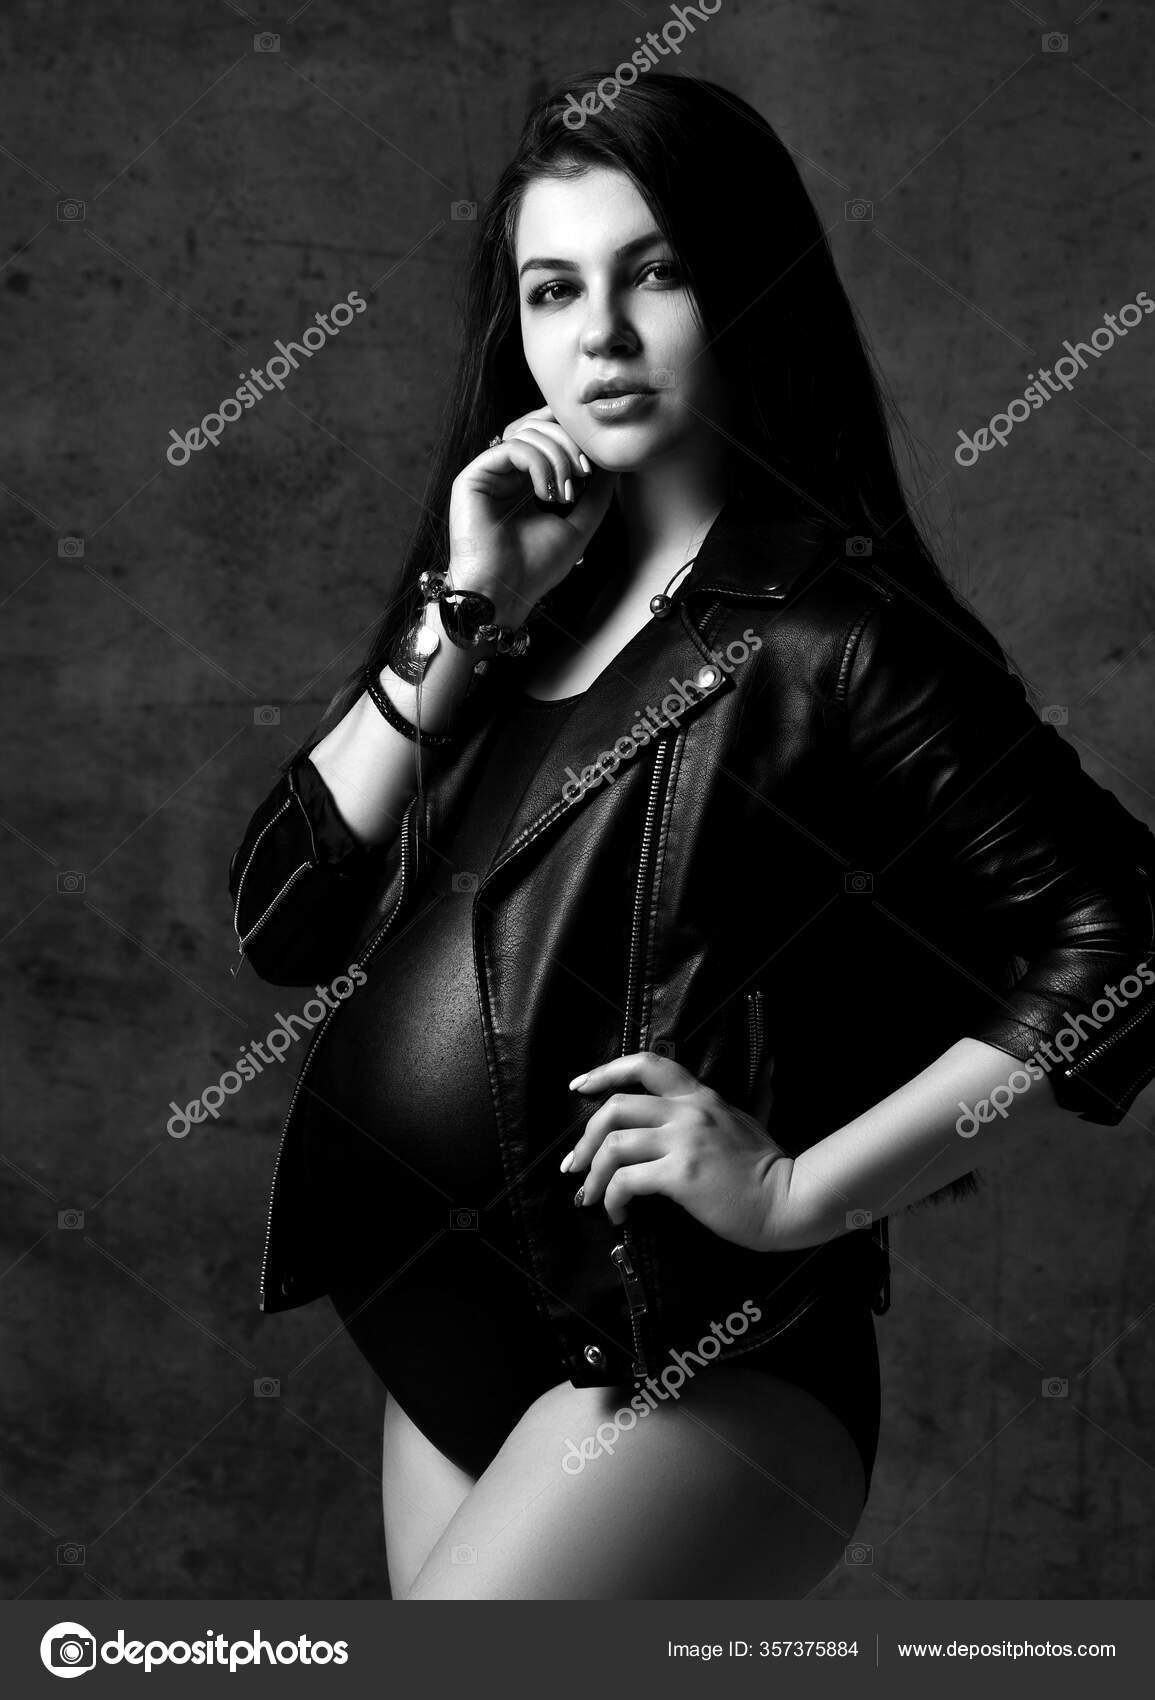 Junge schöne schlanke schwangere Frau mit langen Haaren in